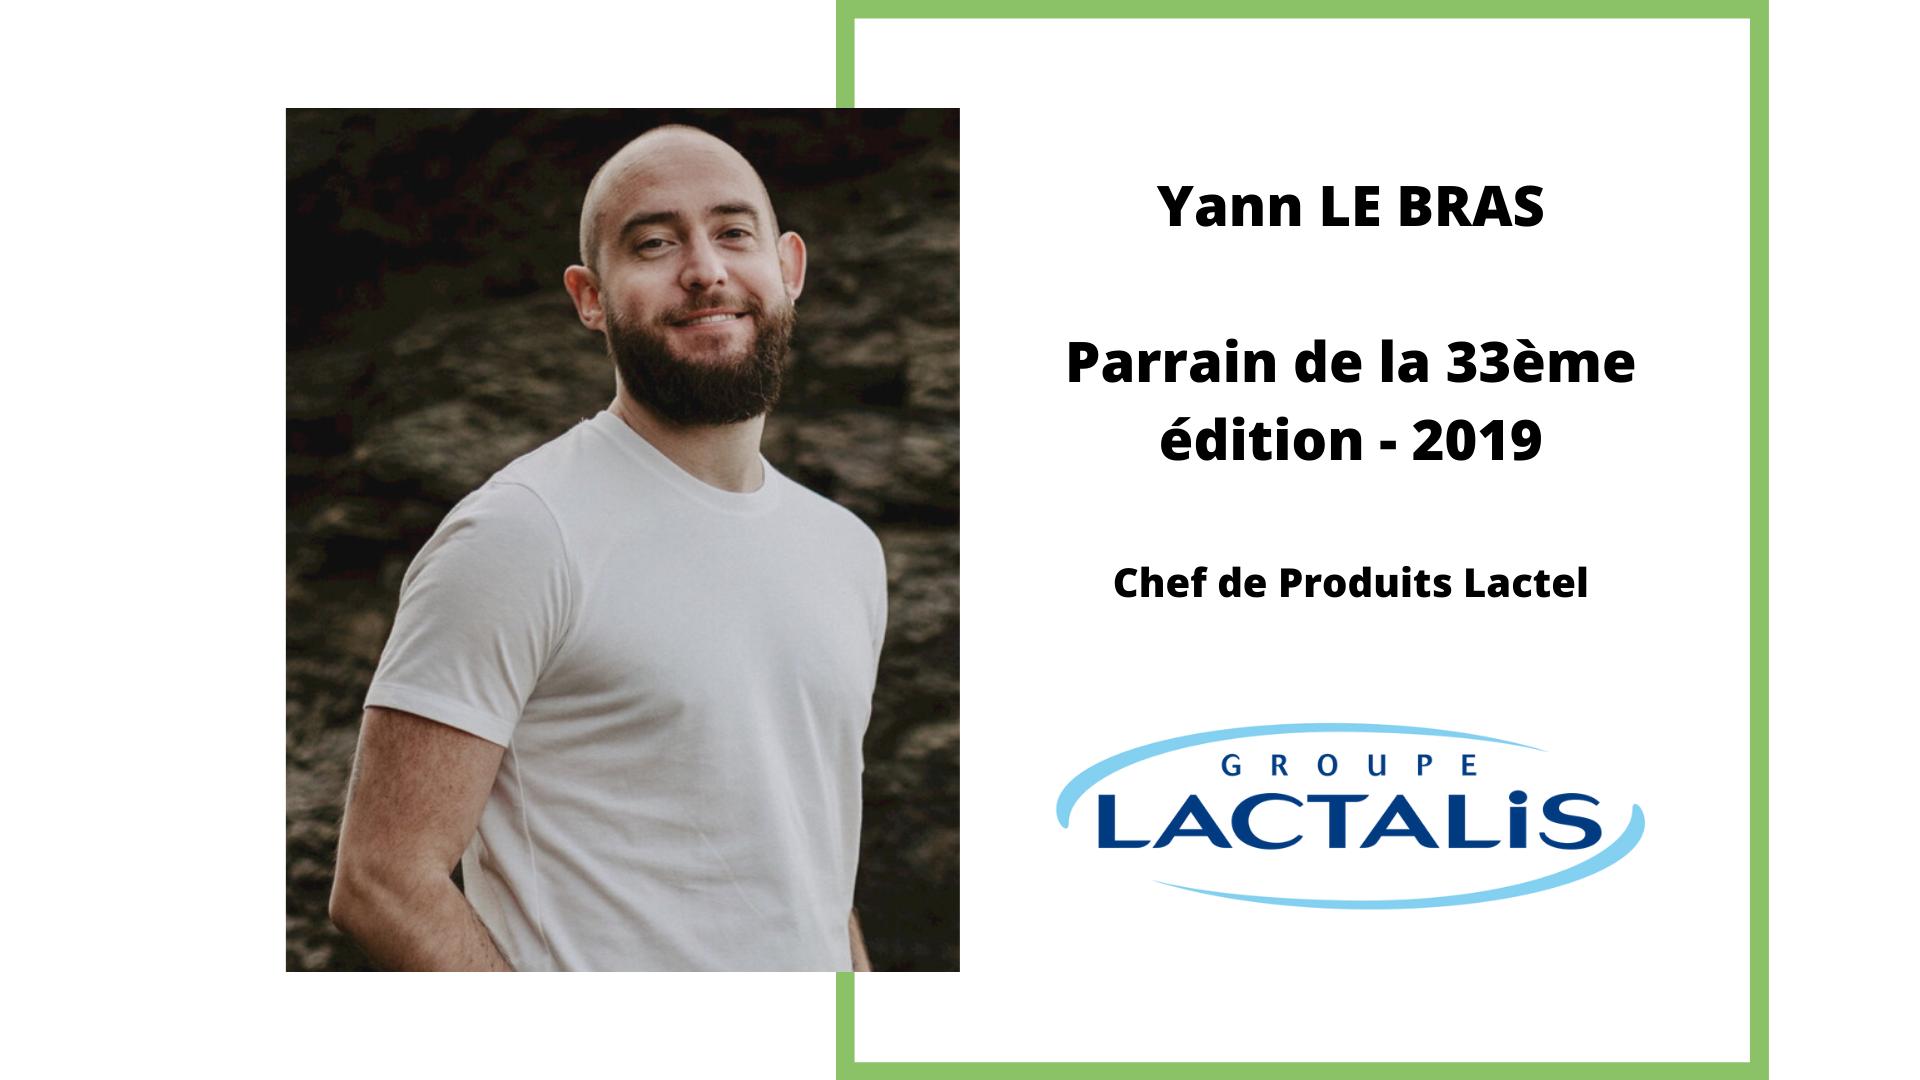 33ème - Yann Le Bras